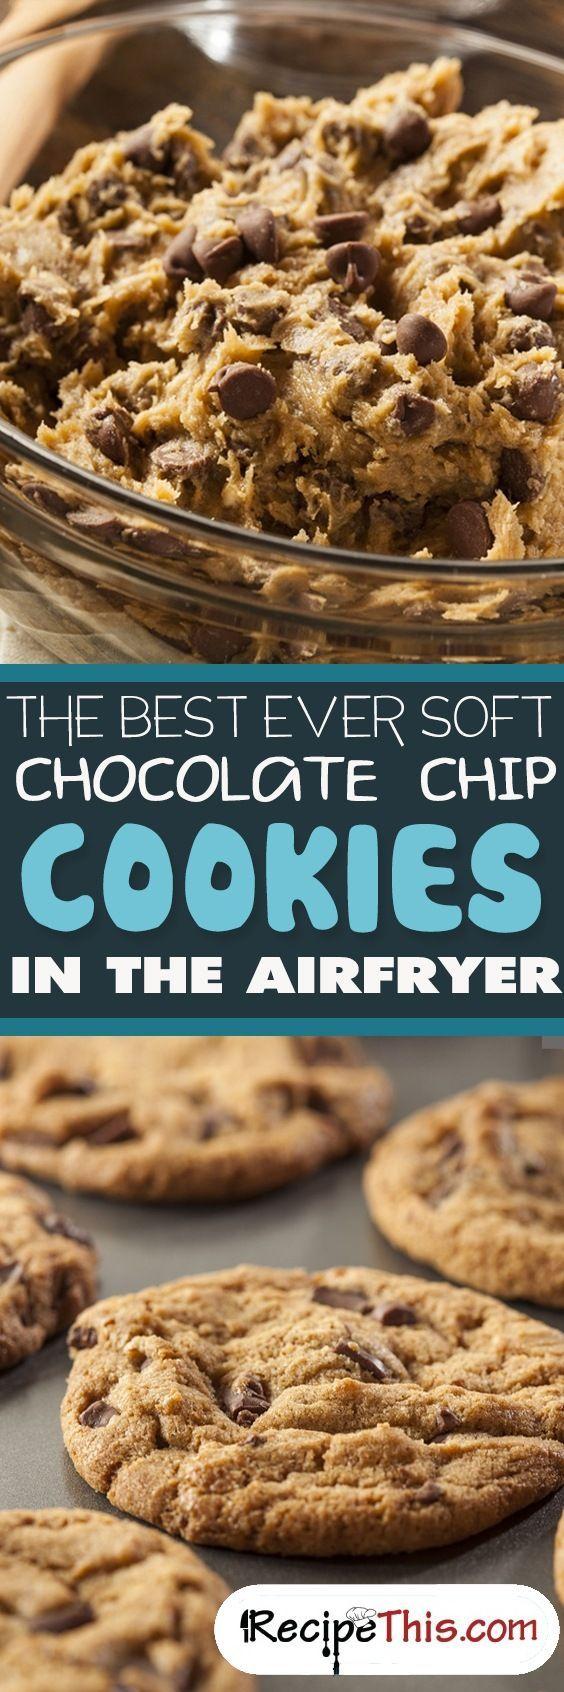 Air Fryer Chocolate Chip Cookies Recipe Air Fryer